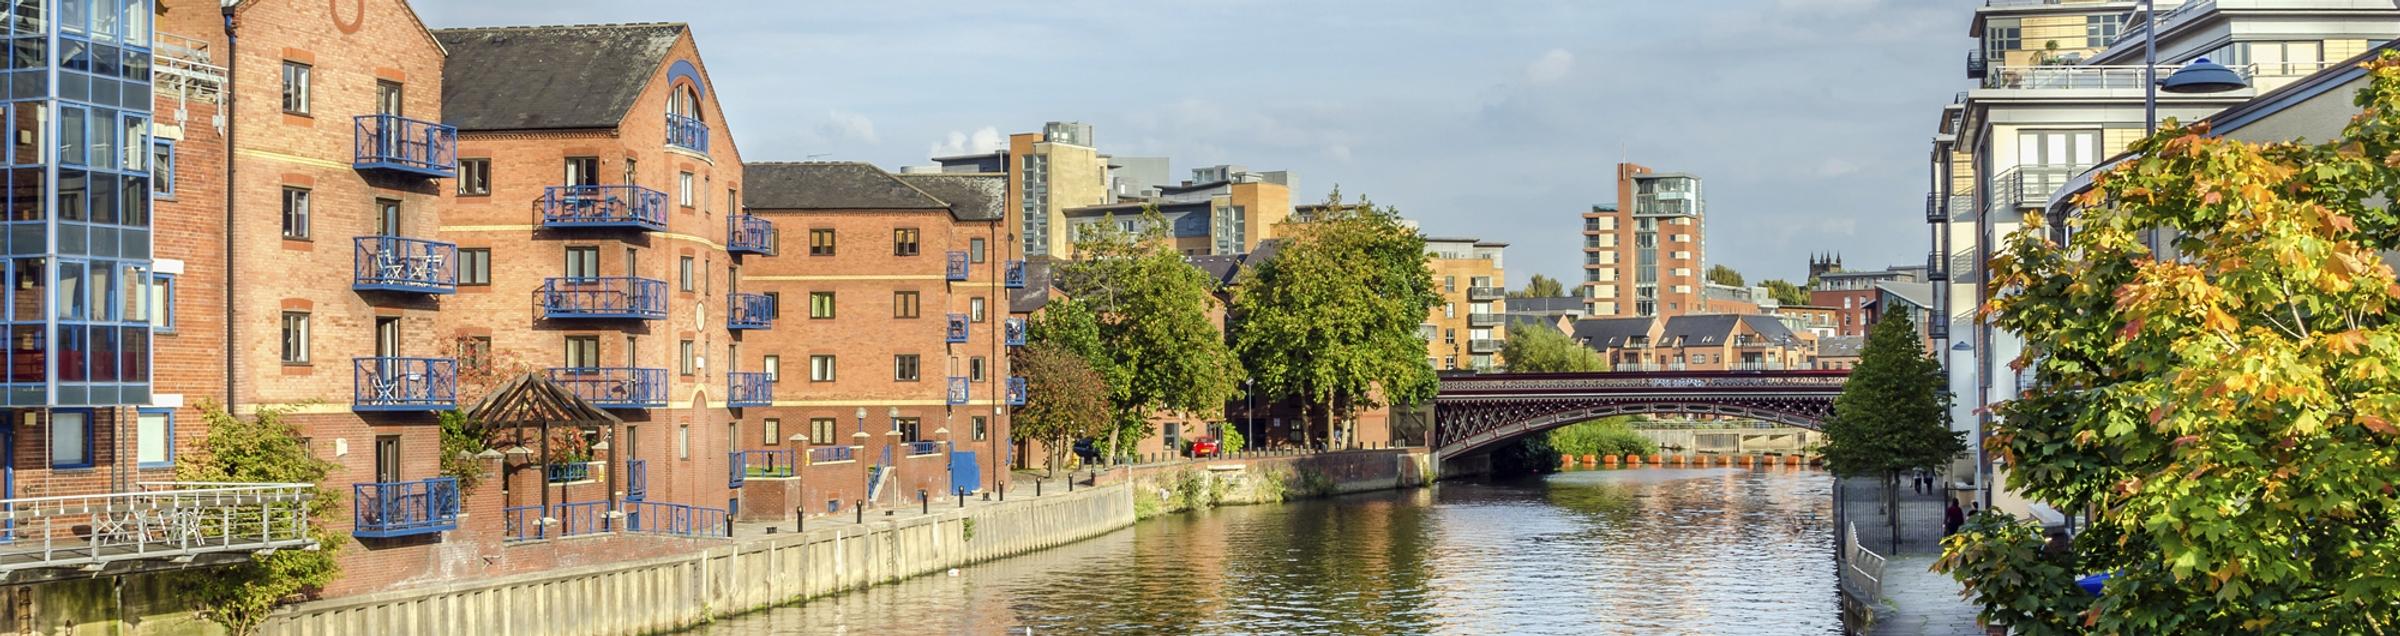 Flott Hotels in Leeds | Compare Hotels in Leeds with Skyscanner UW-78